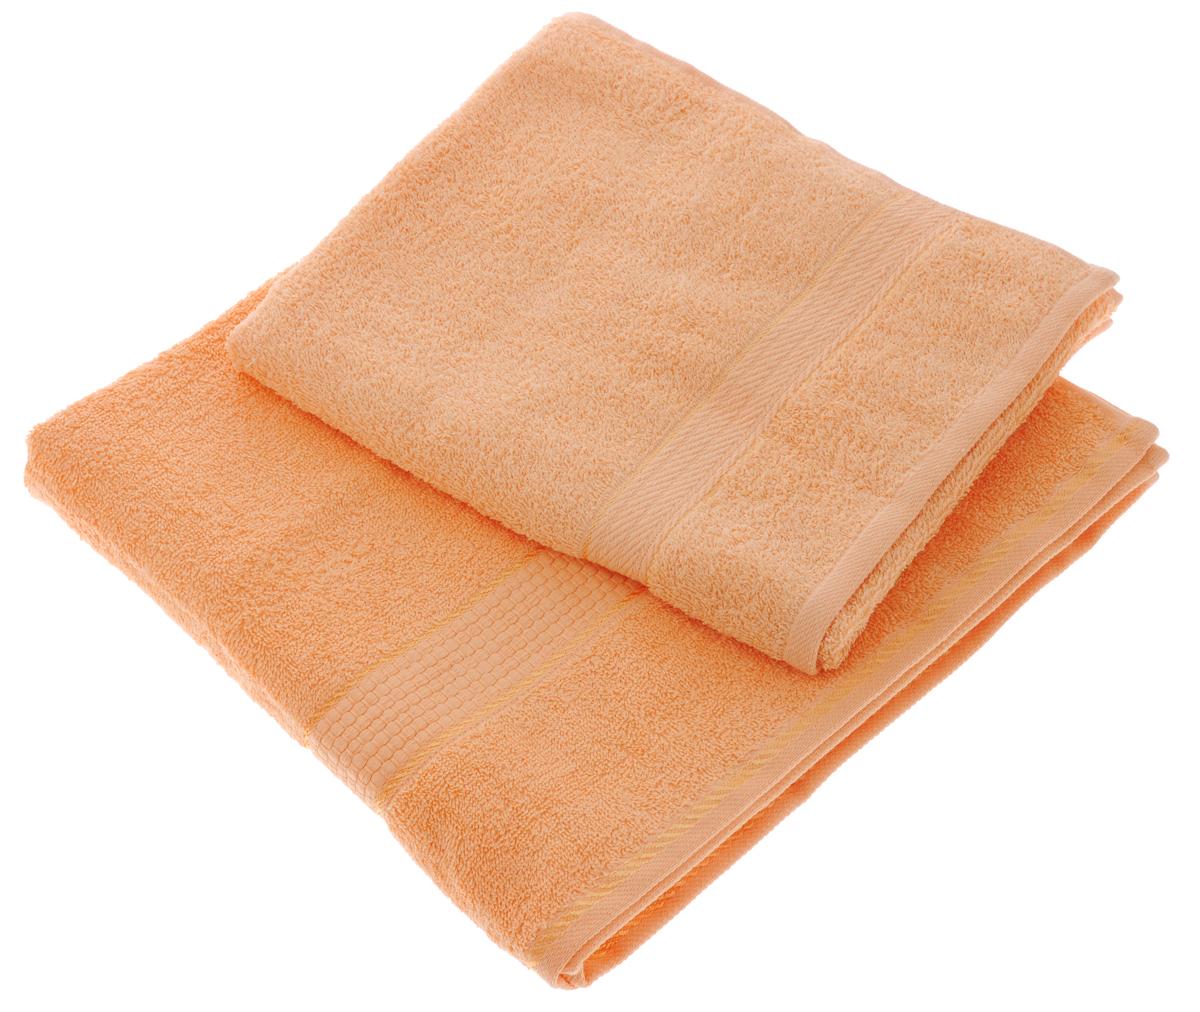 Набор махровых полотенец Aisha Home Textile, цвет: персиковый, 2 шт. УзТ-НПМ-10268/5/1Набор Aisha Home Textile состоит из двух махровых полотенец разного размера. В состав входит только натуральное волокно - 100% хлопок. Лаконичные бордюры подойдут для любого интерьера ванной комнаты. Полотенца прекрасно впитывают влагу и быстро сохнут. При соблюдении рекомендаций по уходу не линяют и не теряют форму даже после многократных стирок.Комплектация: 2 шт.